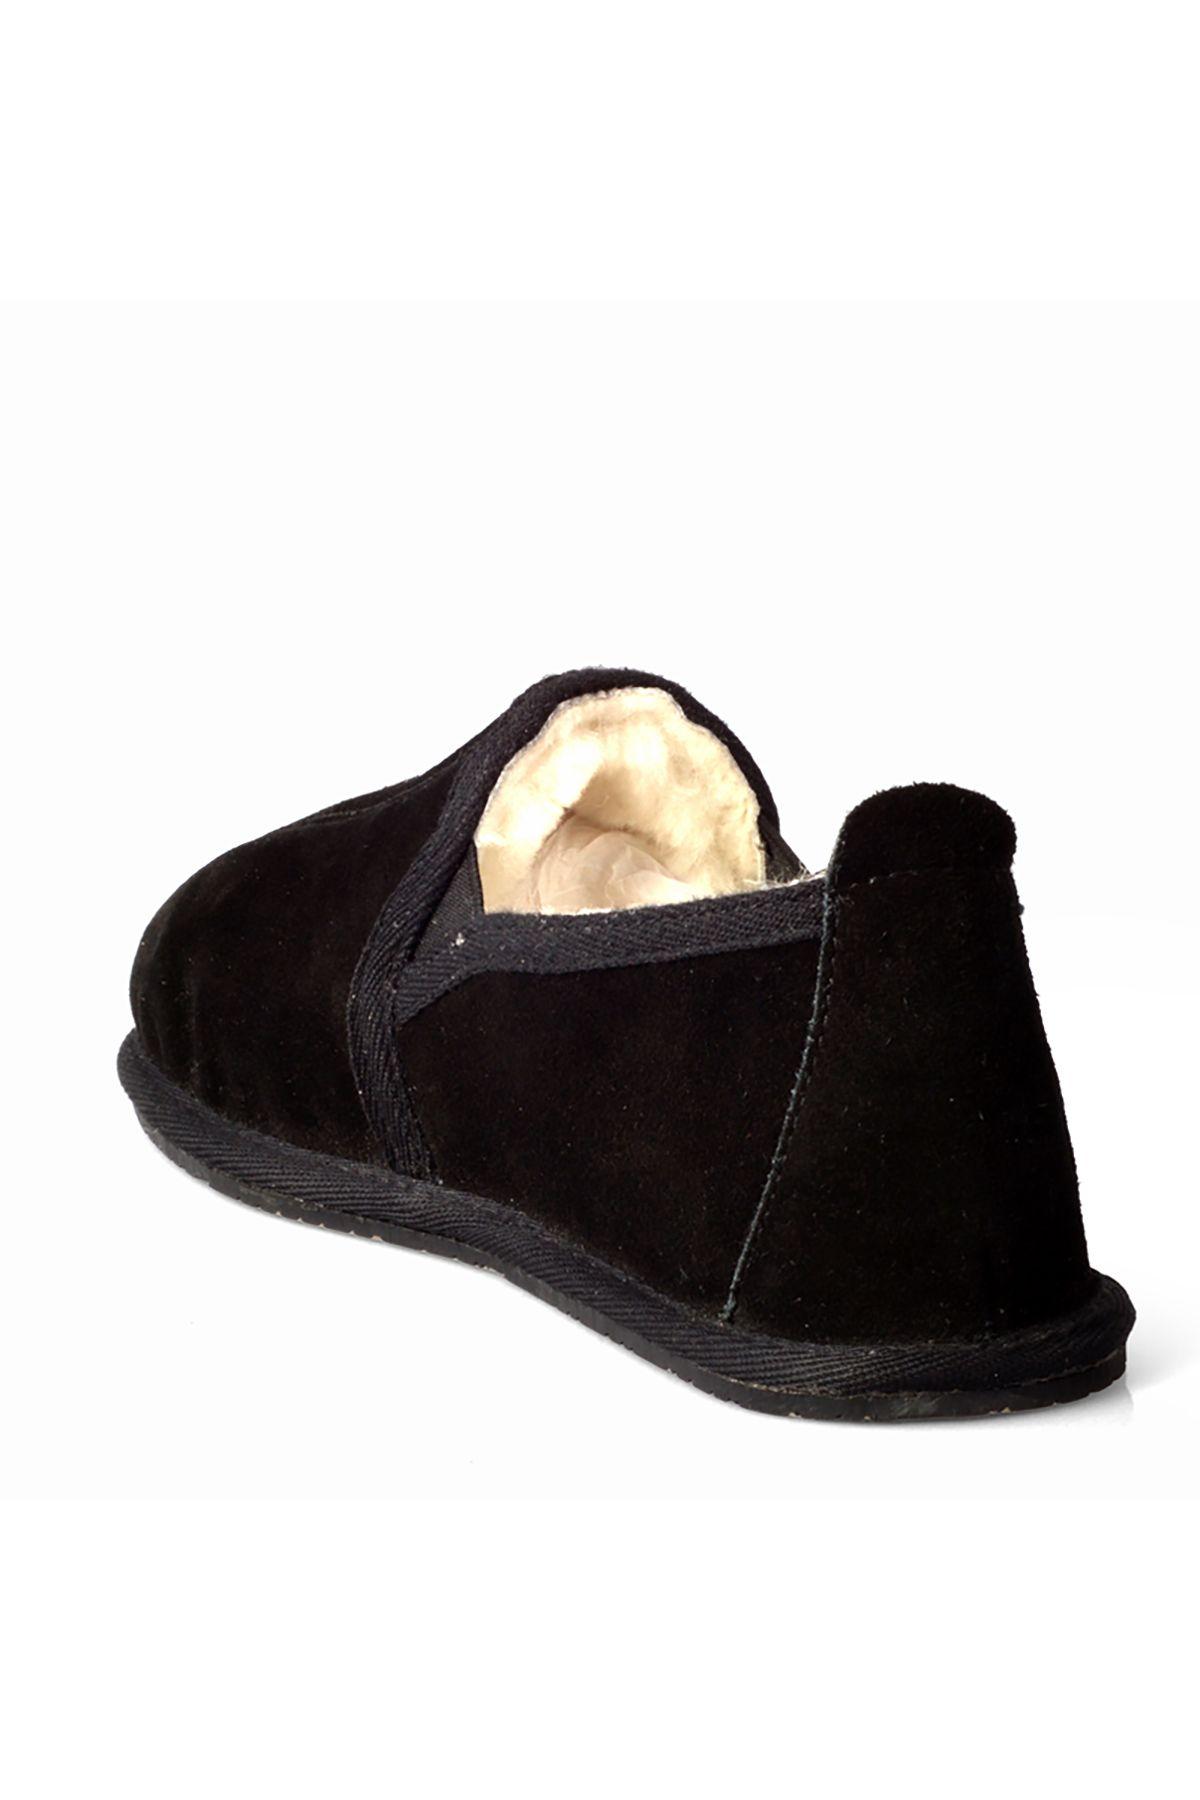 Pegia Hakiki Suet İçi Kürklü Bayan Ev Ayakkabısı 990083 Siyah